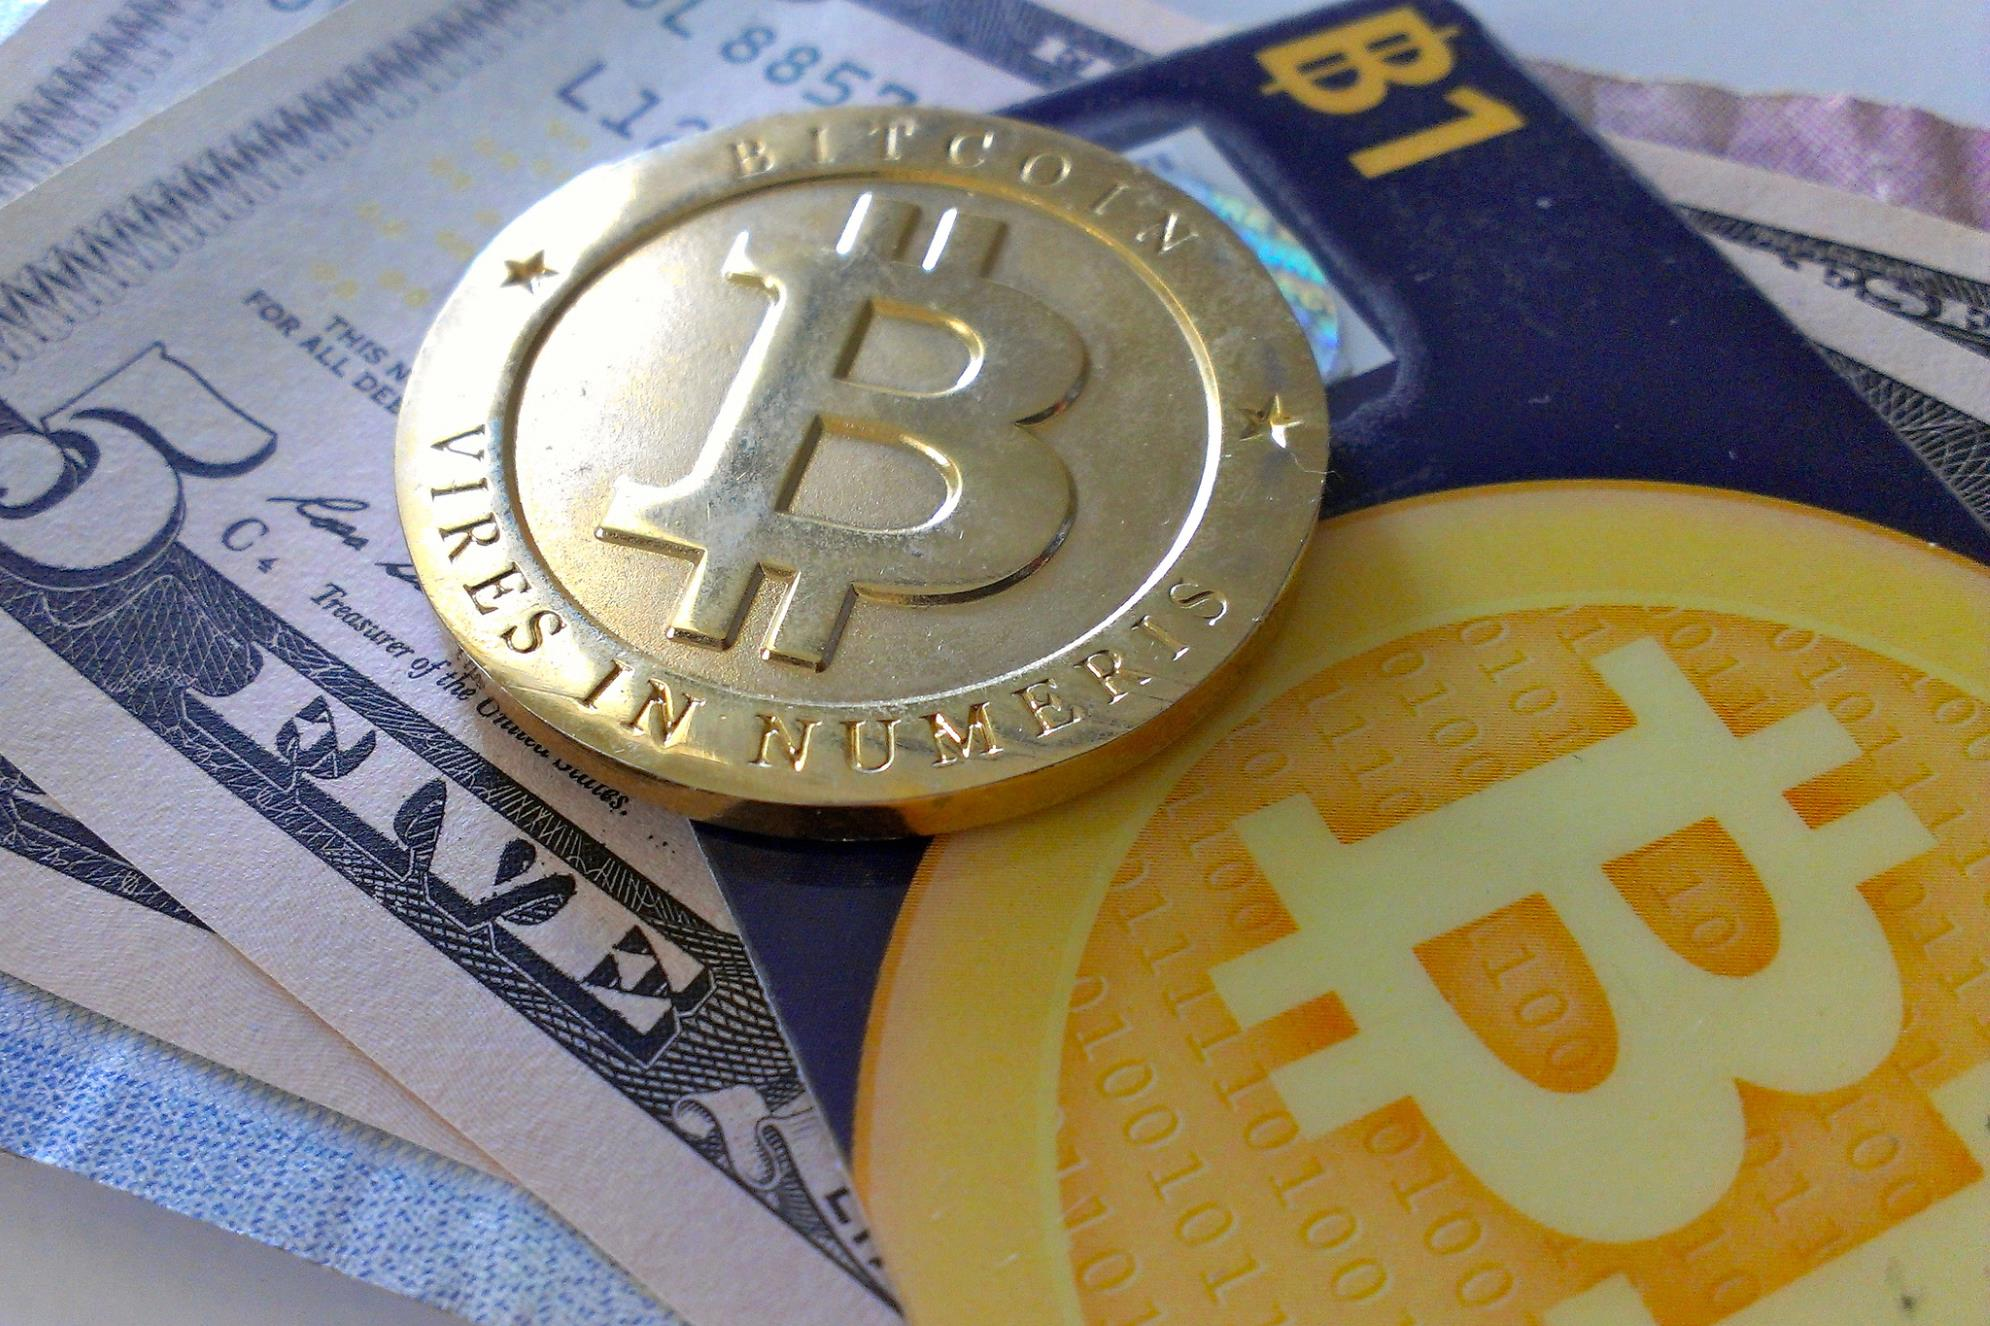 7a443cfdca Duplán verte át magát egy amerikai bolt a bitcoinos fizetéssel ...